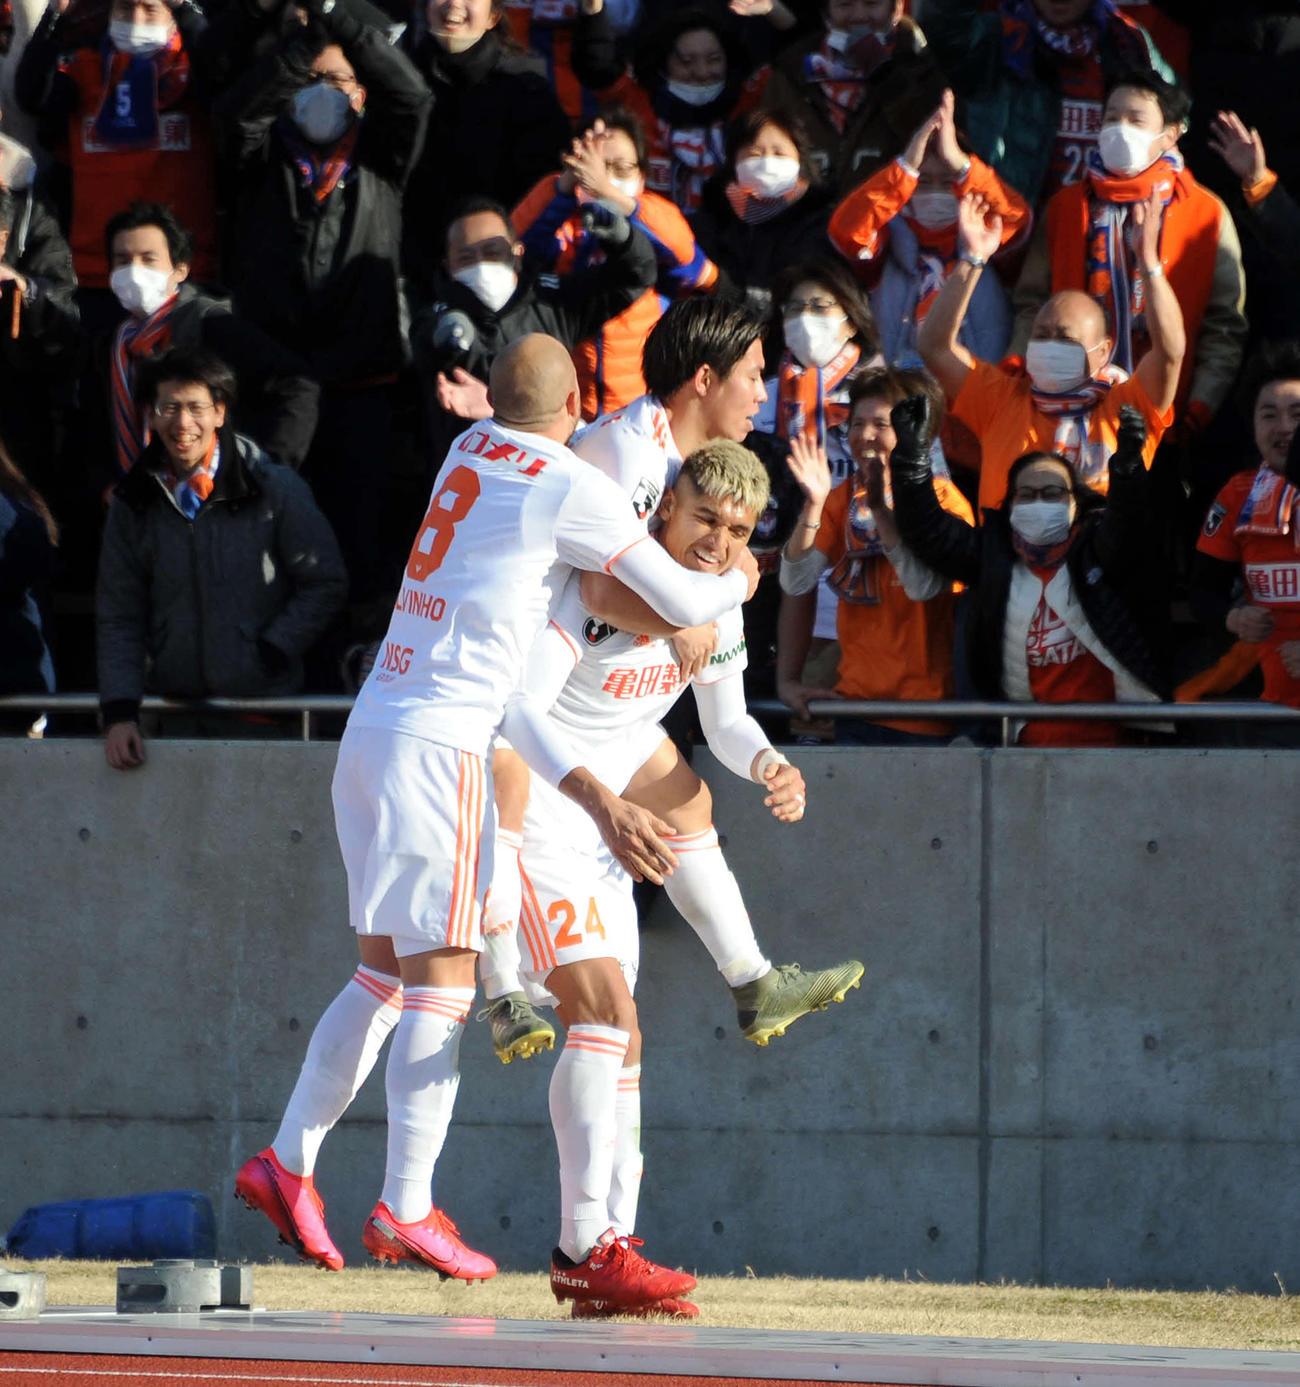 チーム2点目を決めたMFロメロ(右)はサポーターの前で喜びを爆発させる(撮影・斎藤慎一郎)